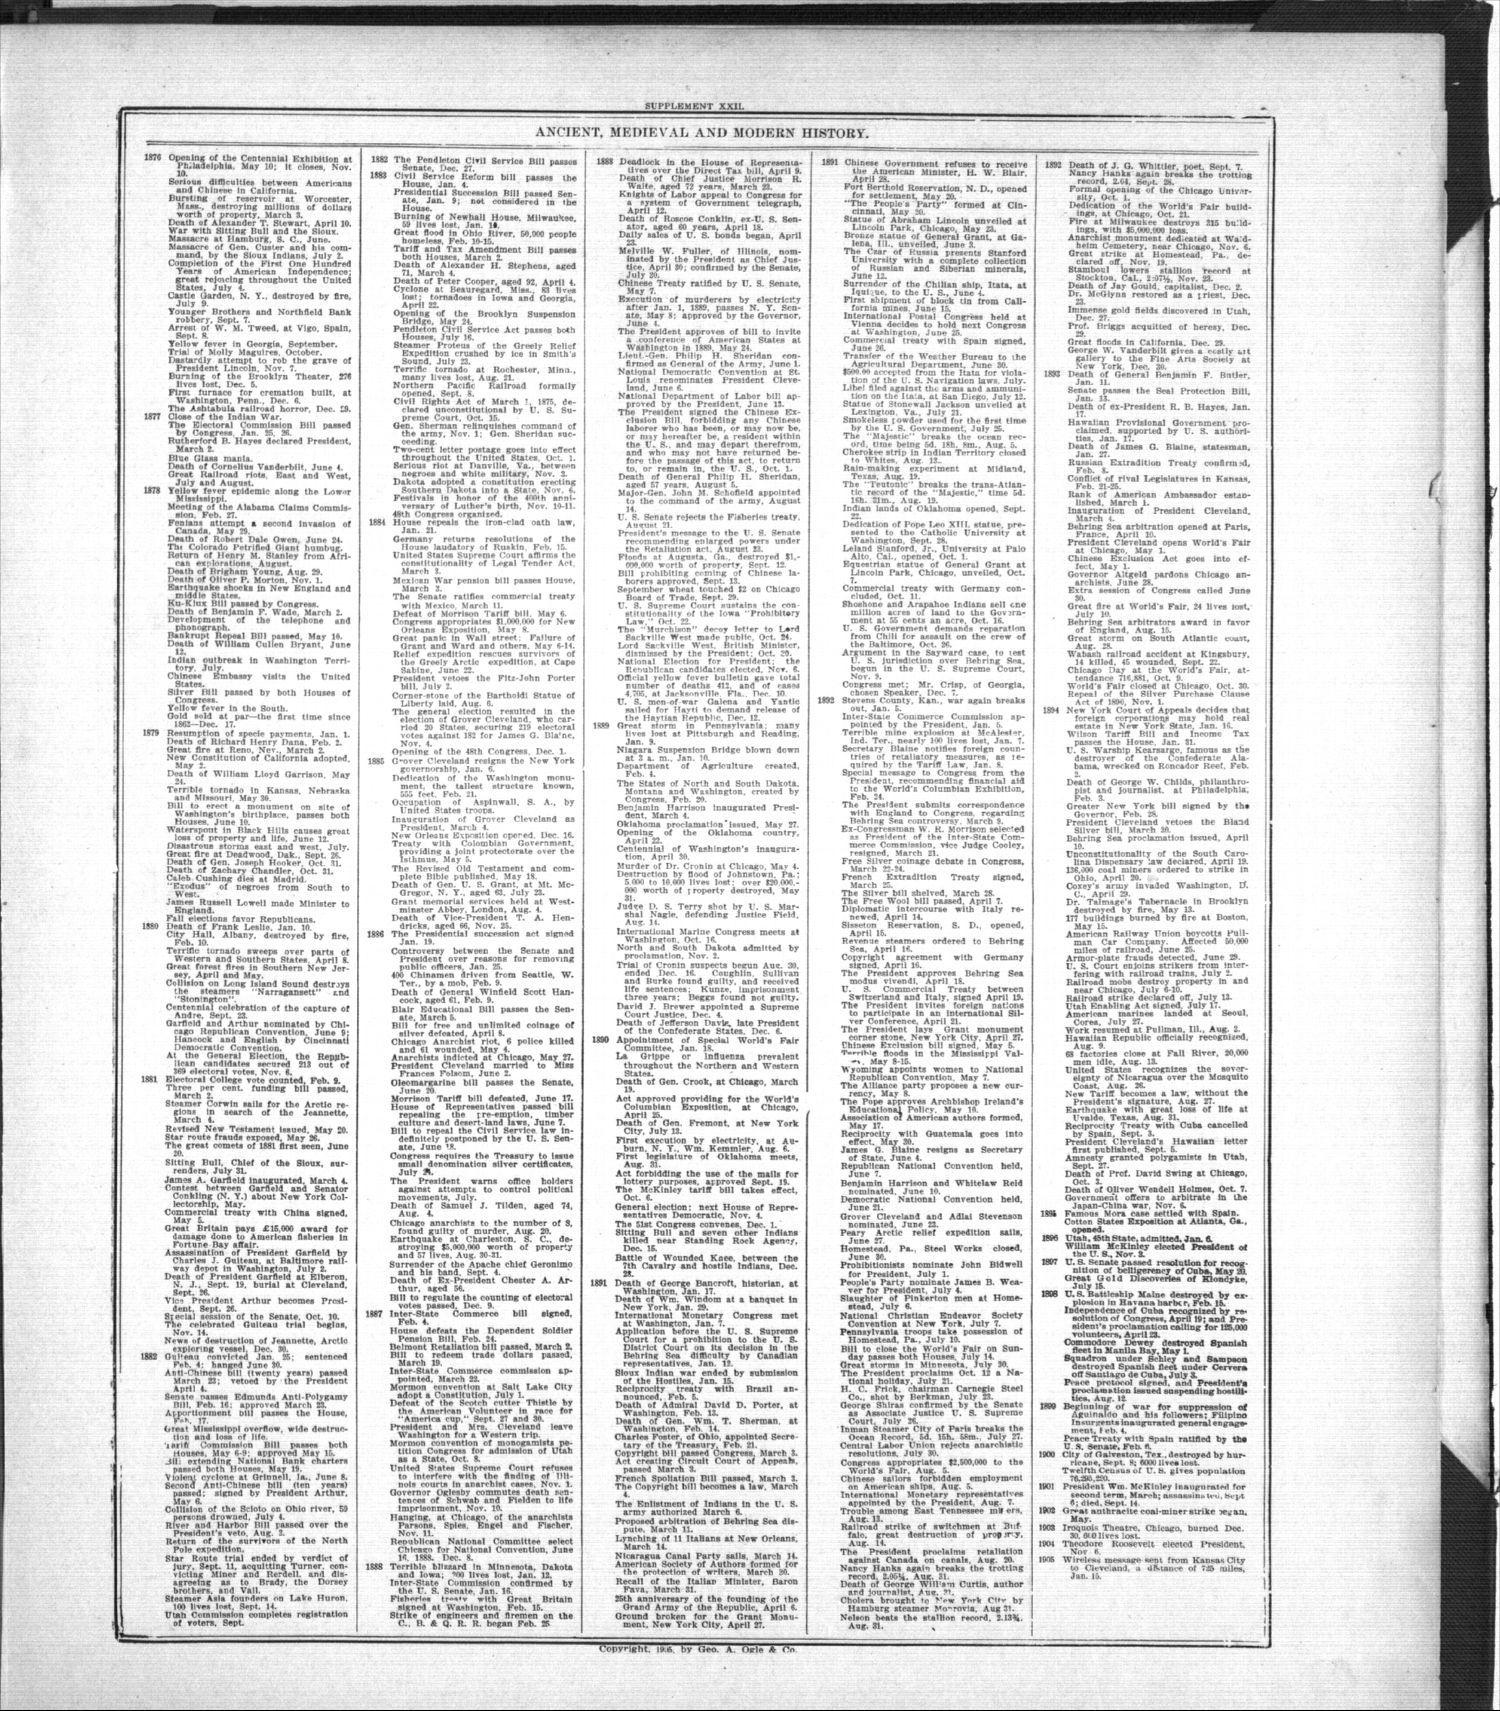 Standard atlas of Labette County, Kansas - XXII